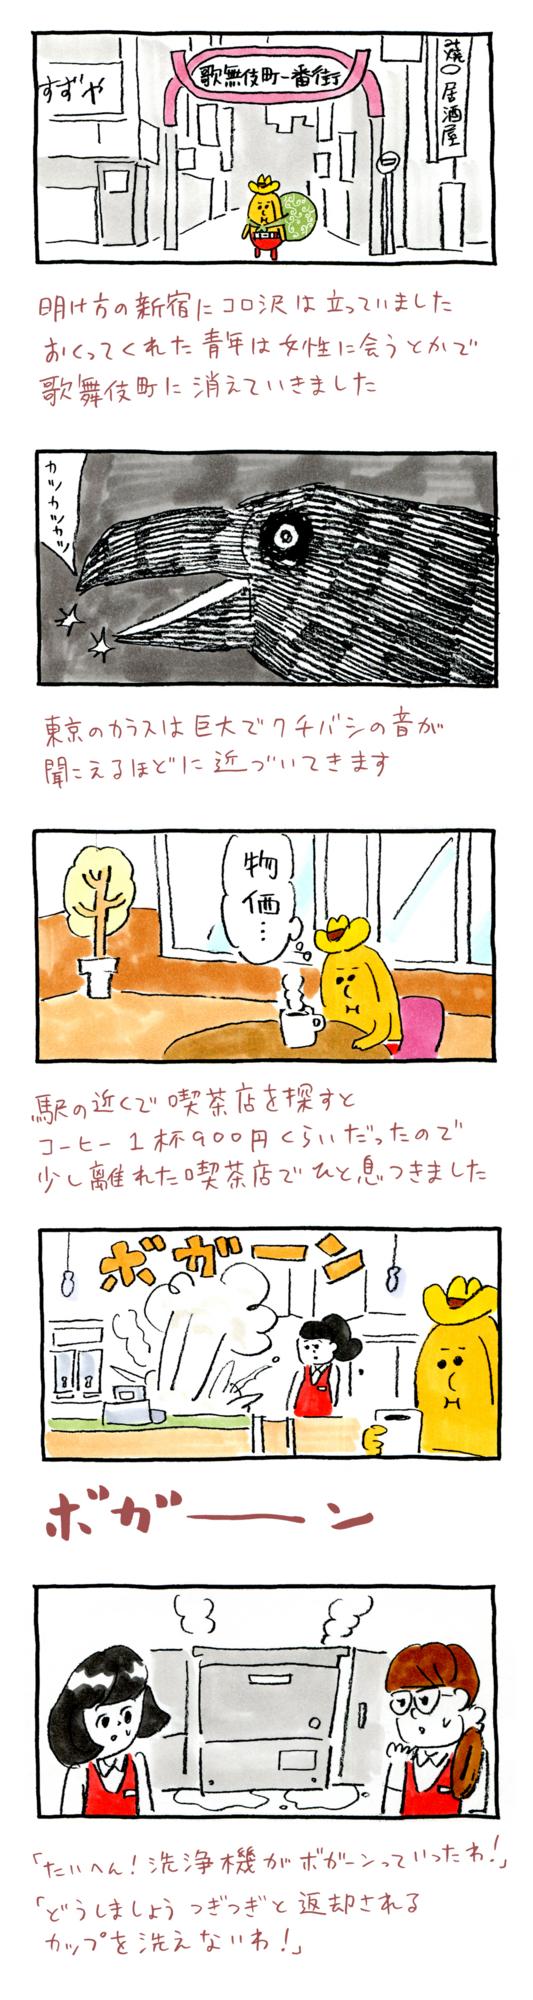 f:id:kakijiro:20151027103432j:plain